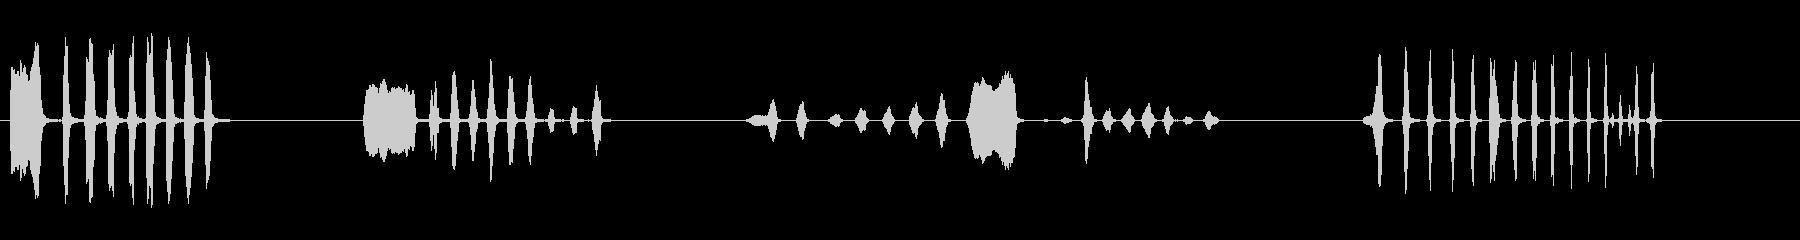 ゴッファーはきしむ声でヒステリック...の未再生の波形